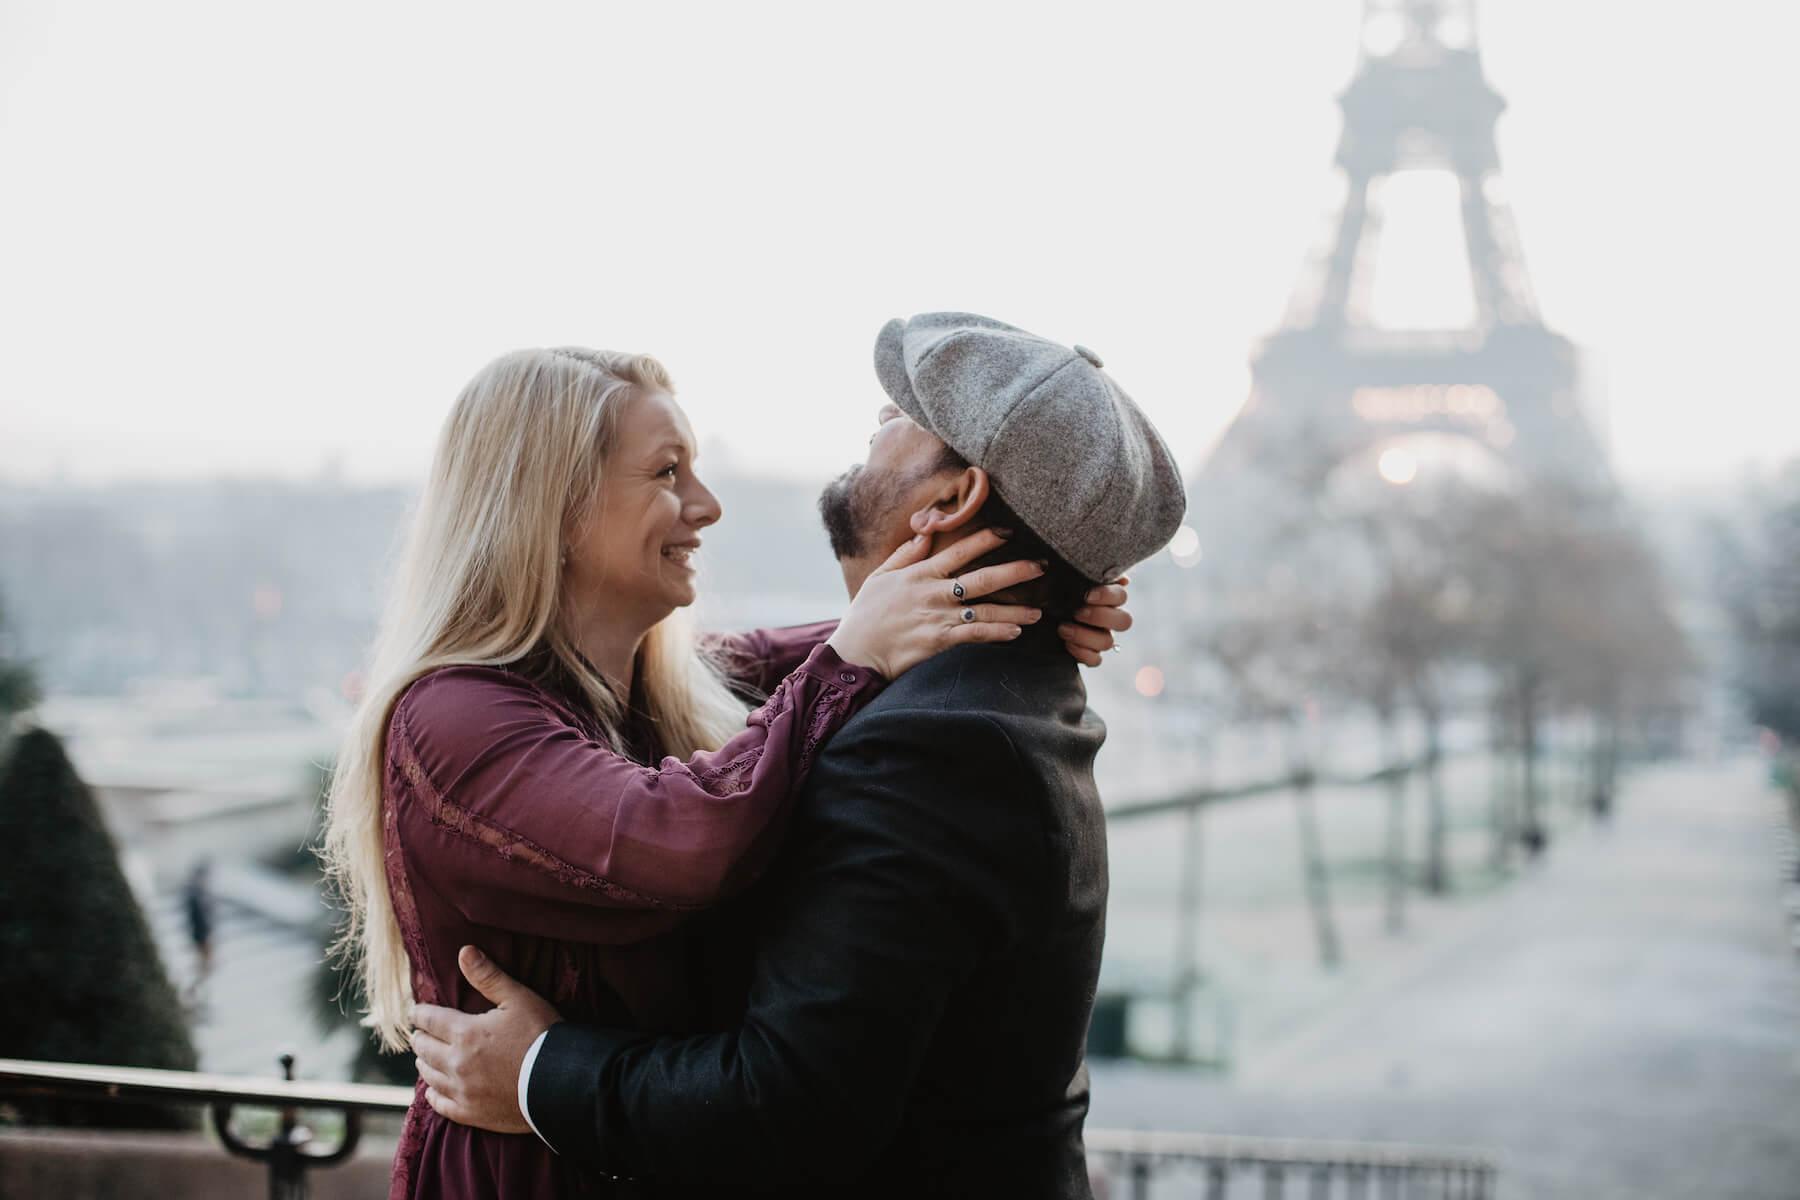 paris-12-31-2019-proposal-41_original